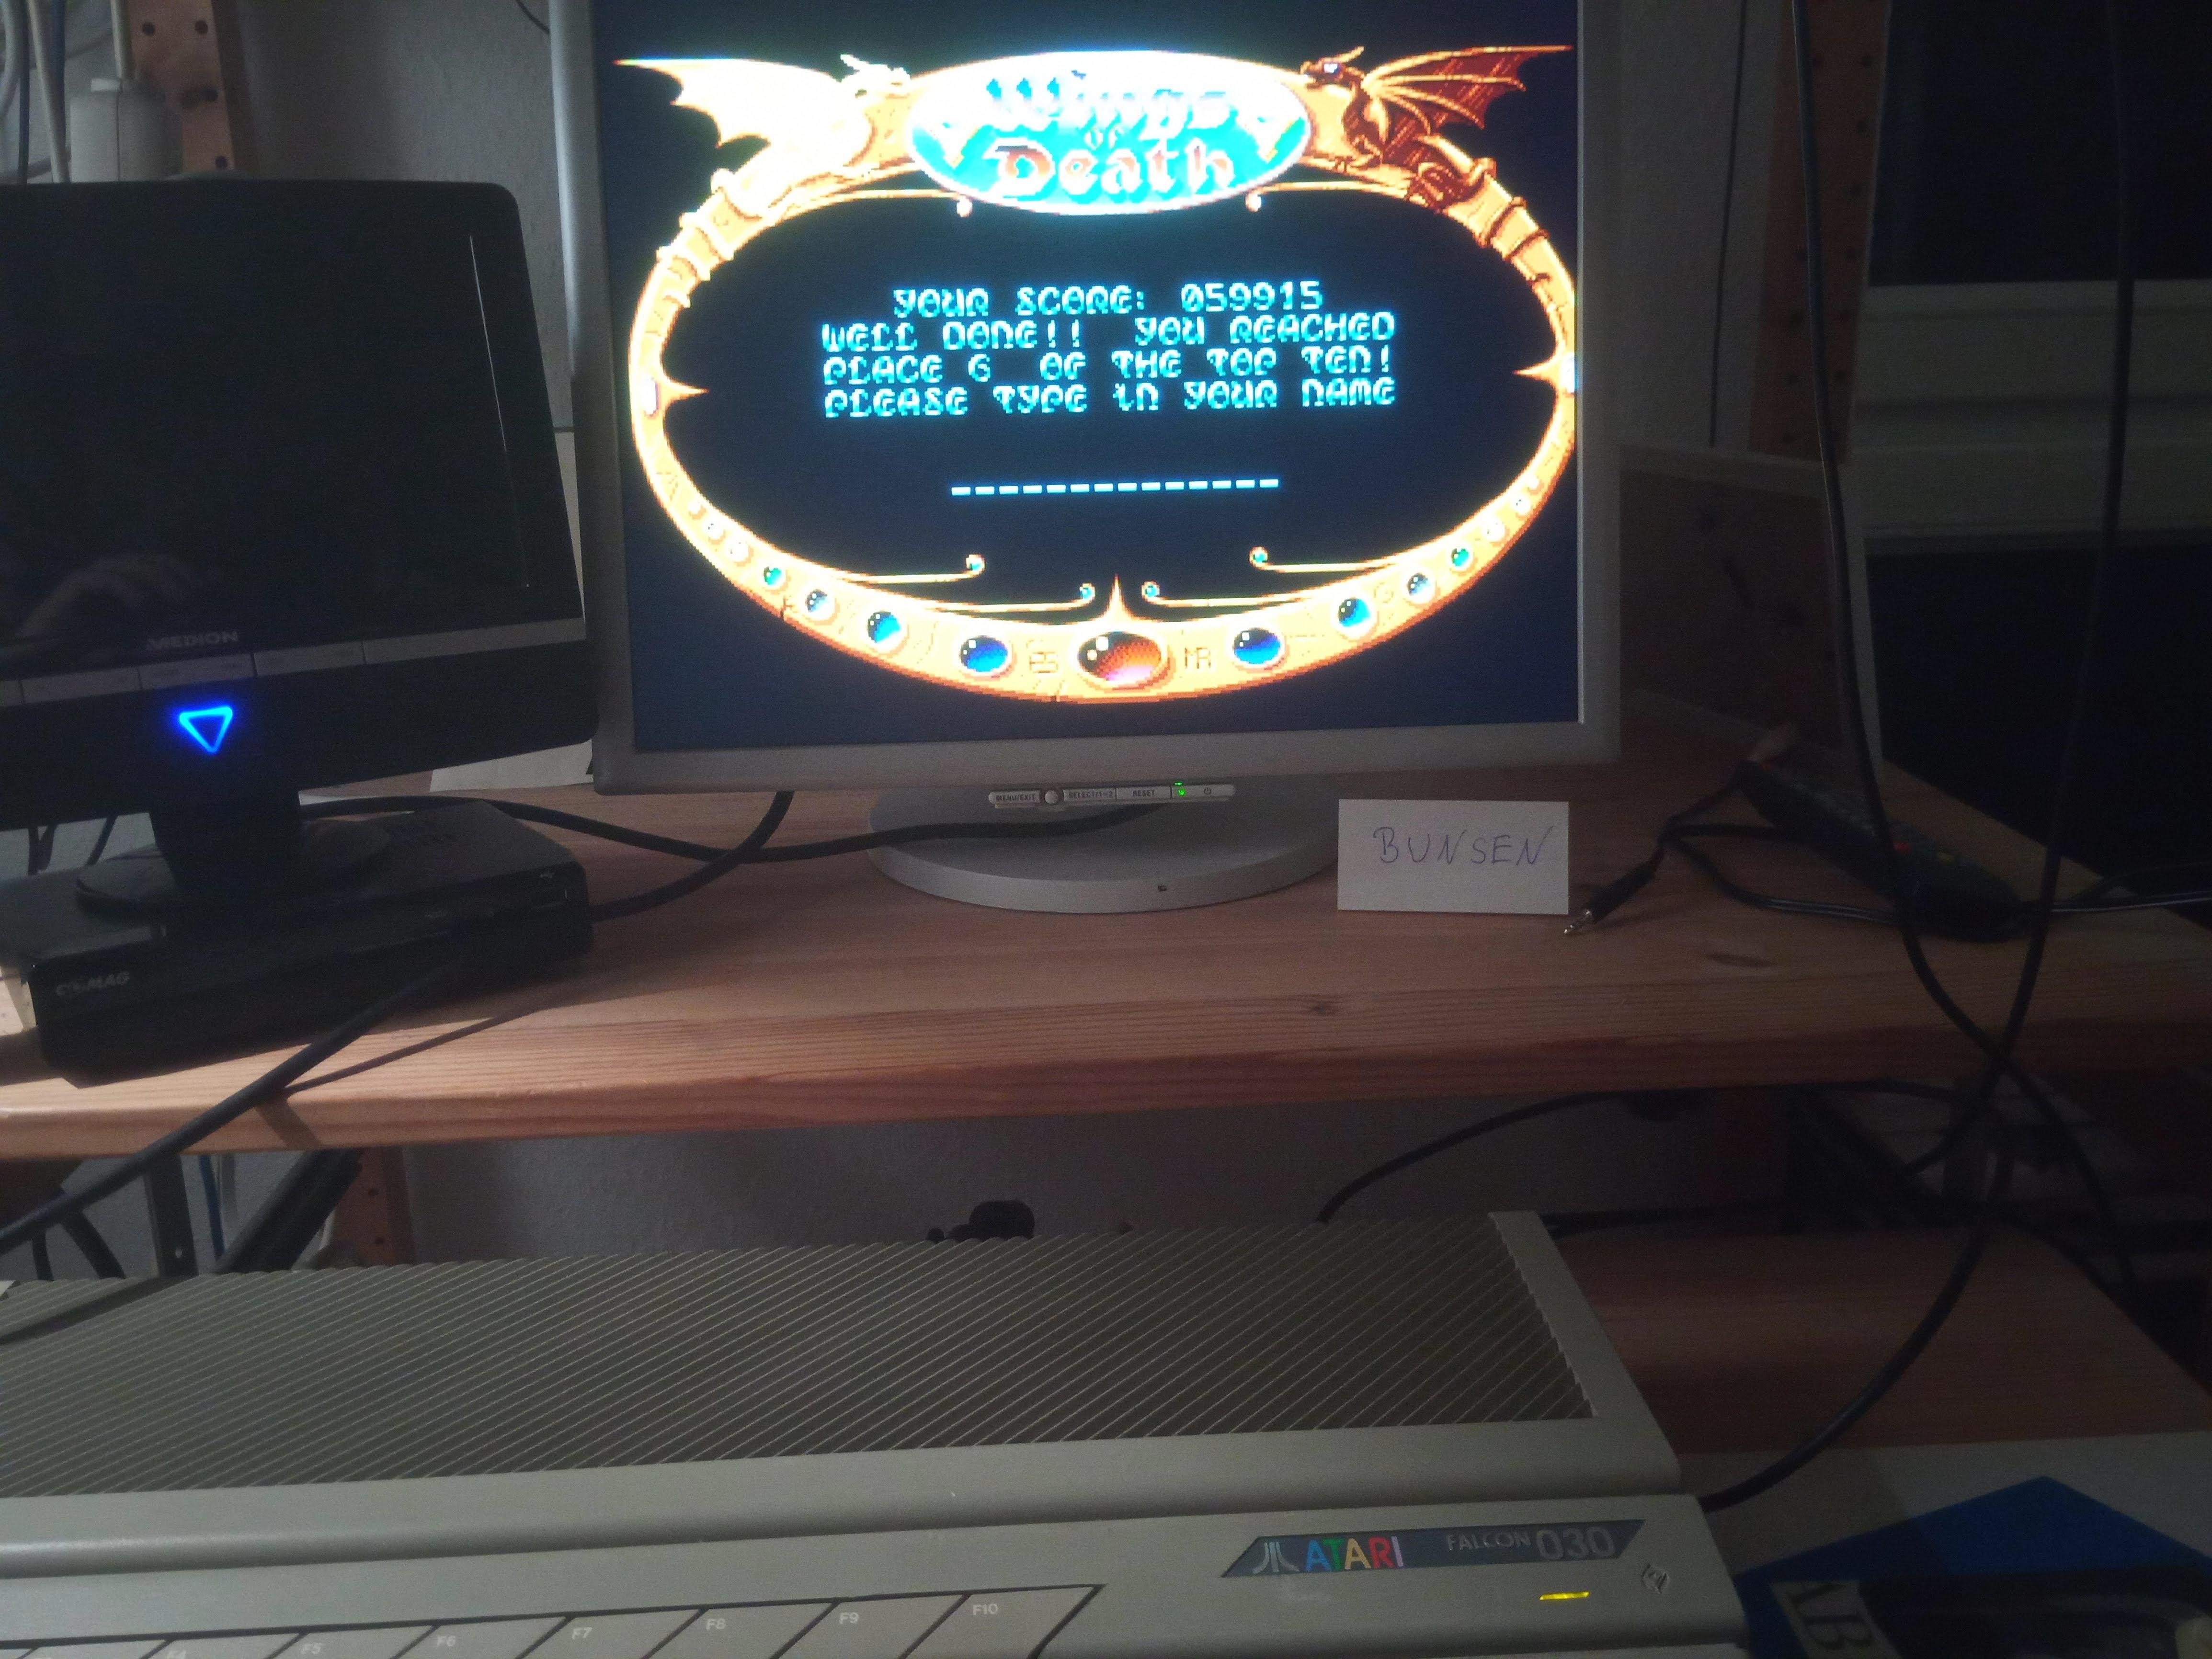 Bunsen: Wings of Death (Atari ST) 59,915 points on 2019-12-26 14:42:25